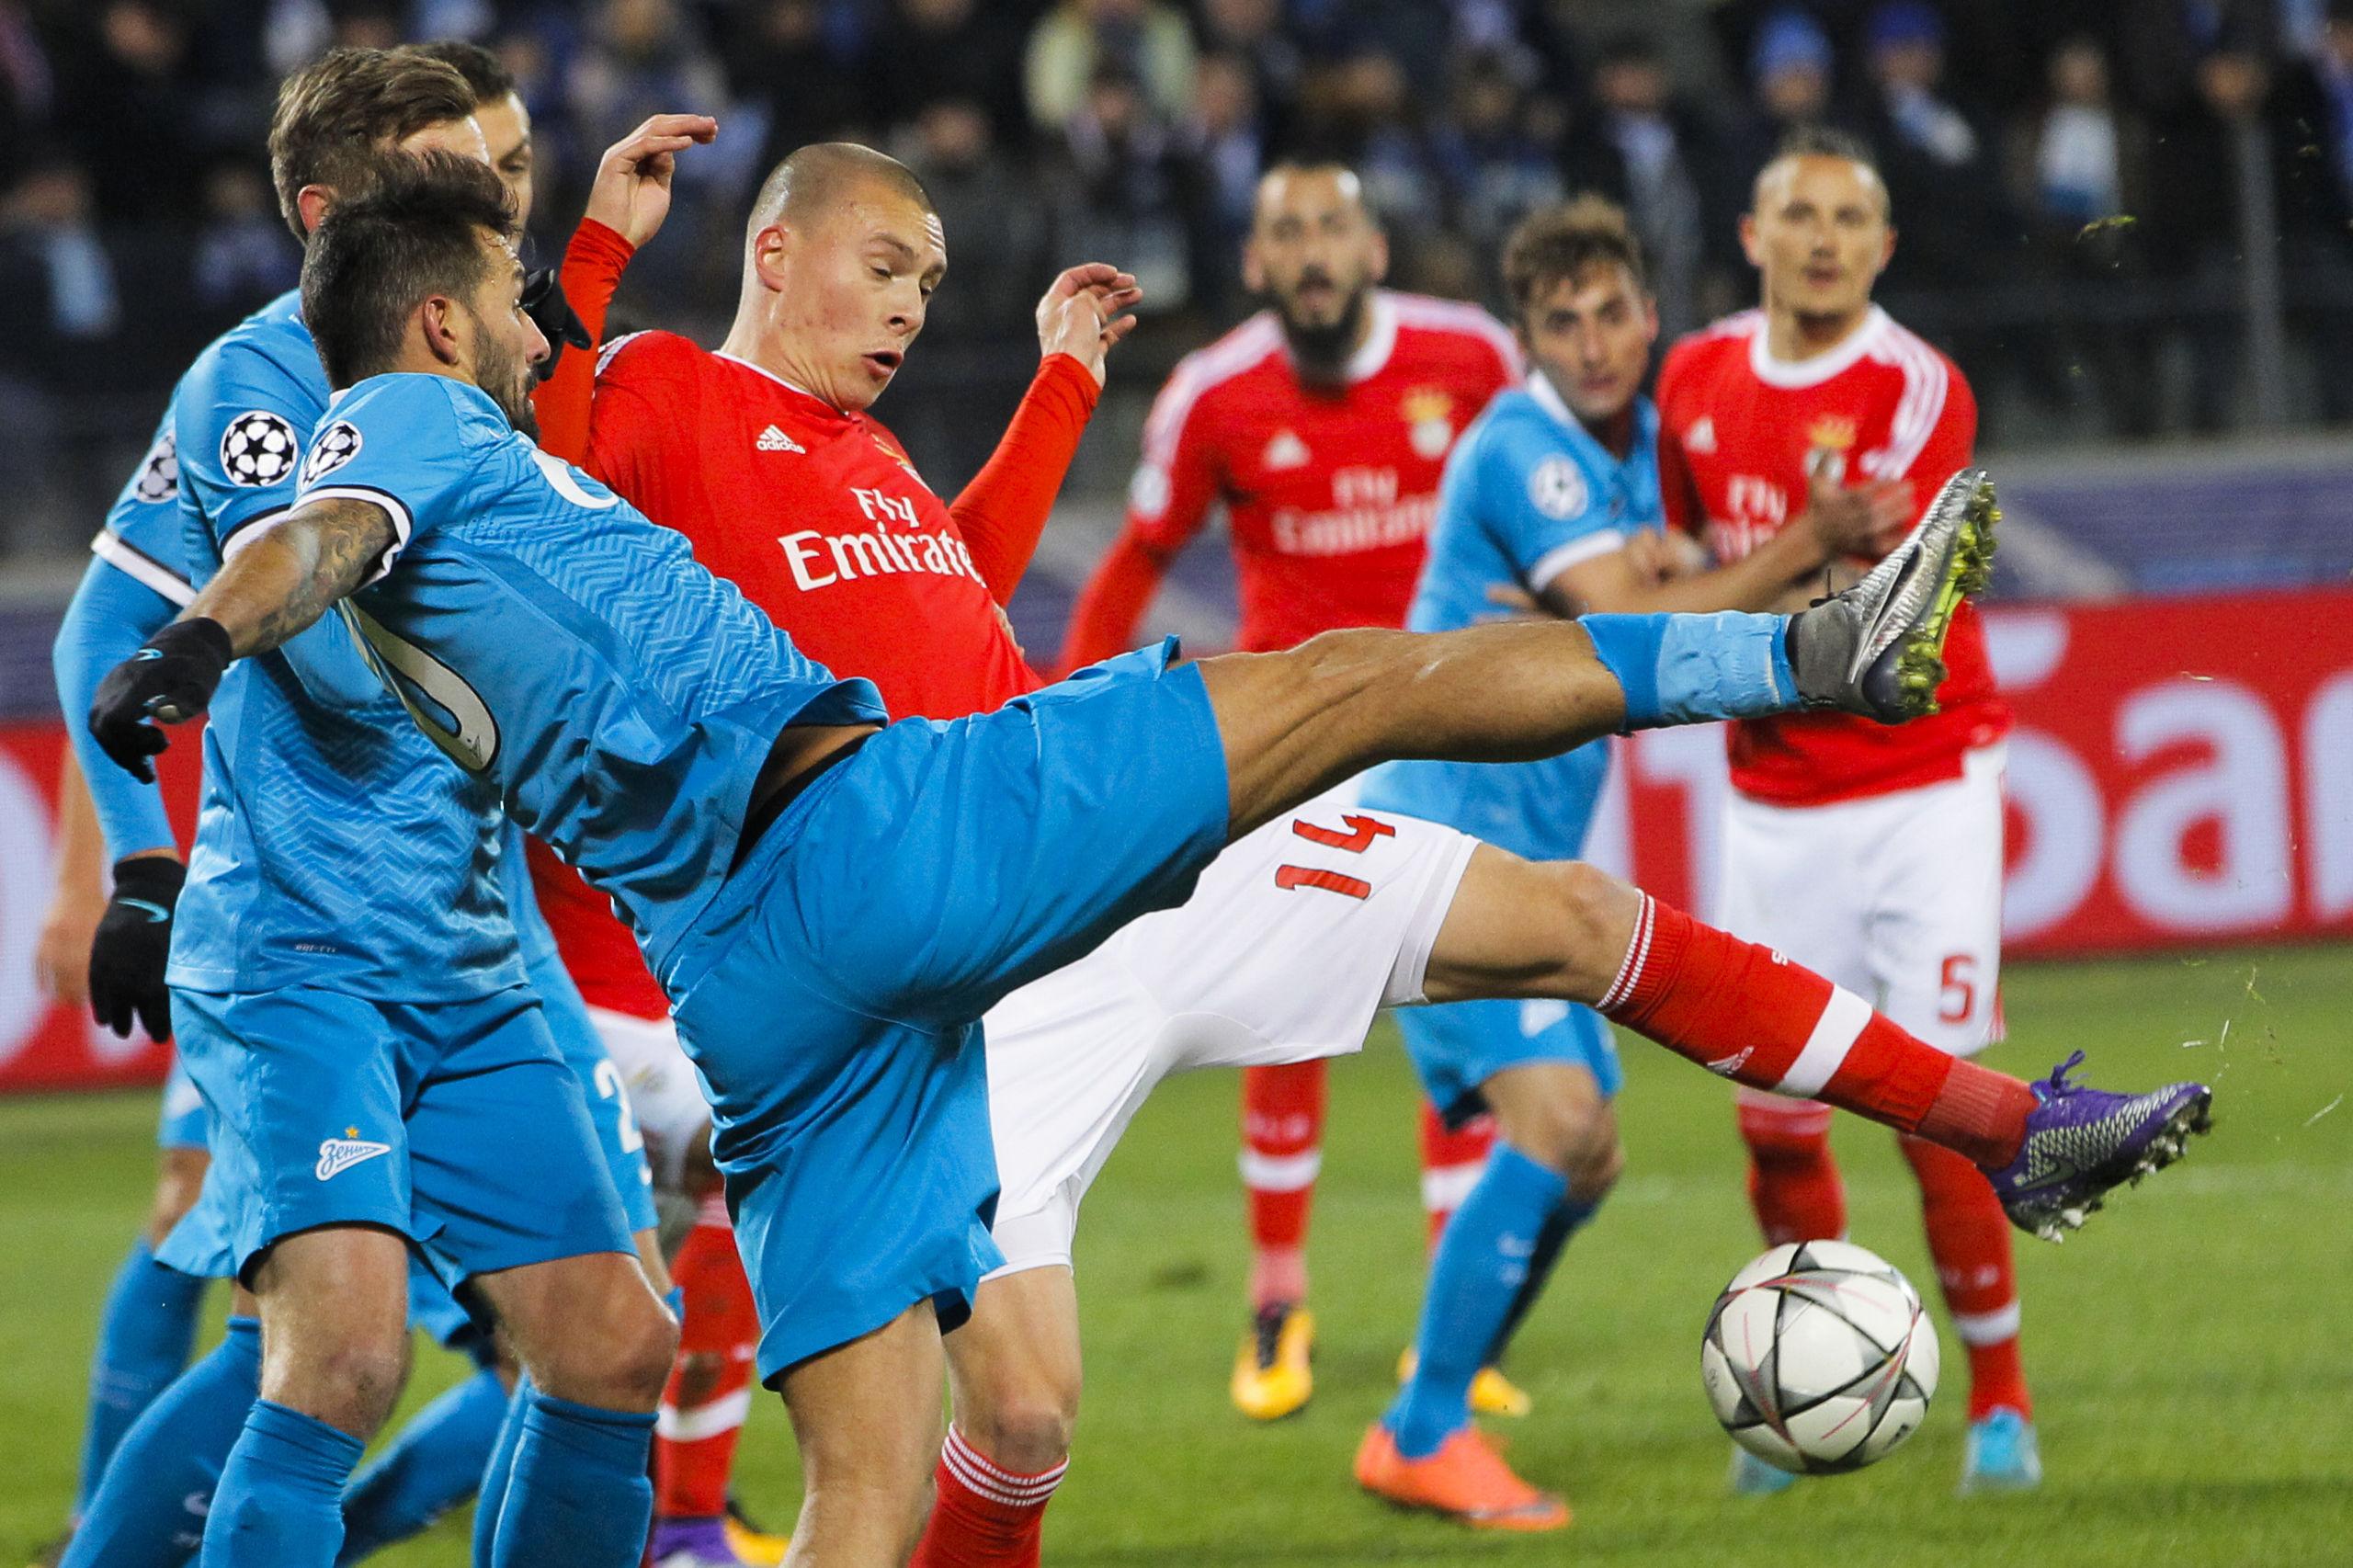 Benfica rads inga motstandare